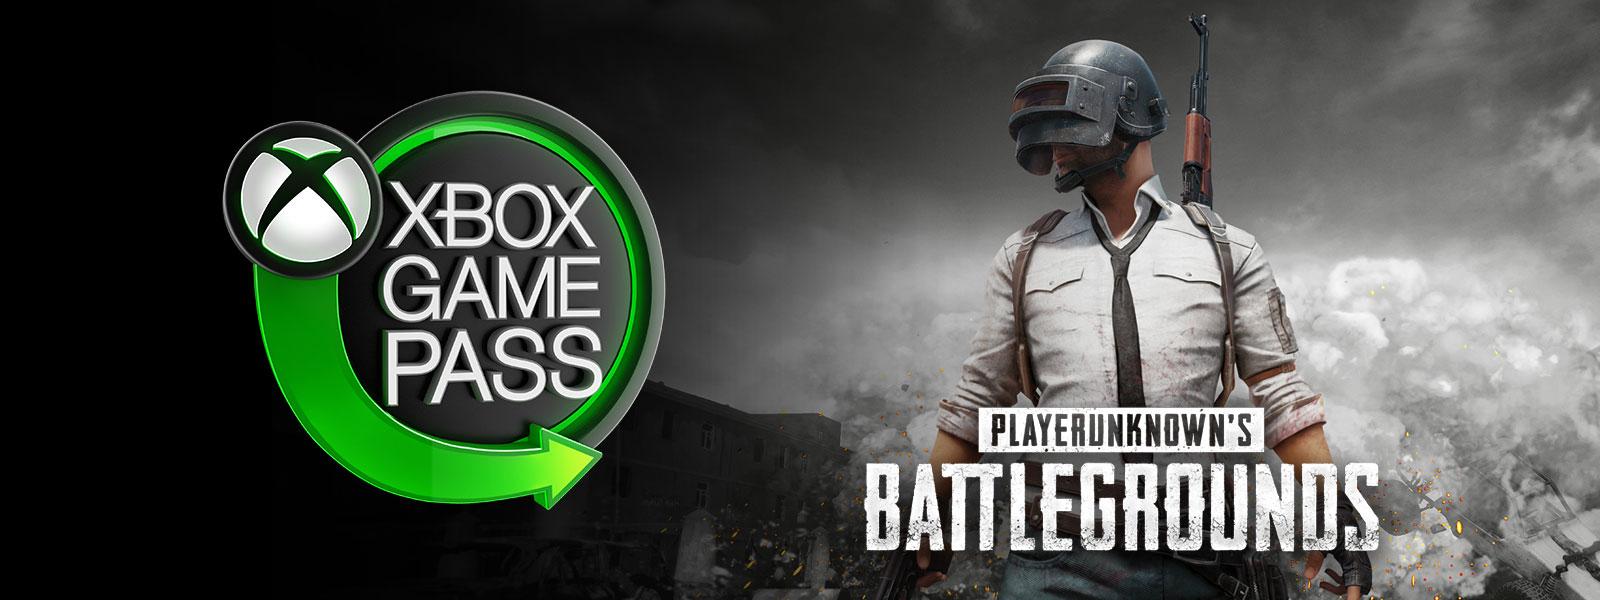 Xbox Game Pass-logo, Playerunknown's Battlegrounds, een man die een spetsnaz-helm draagt en een pistool vasthoudt staat voor een achtergrond van explosies